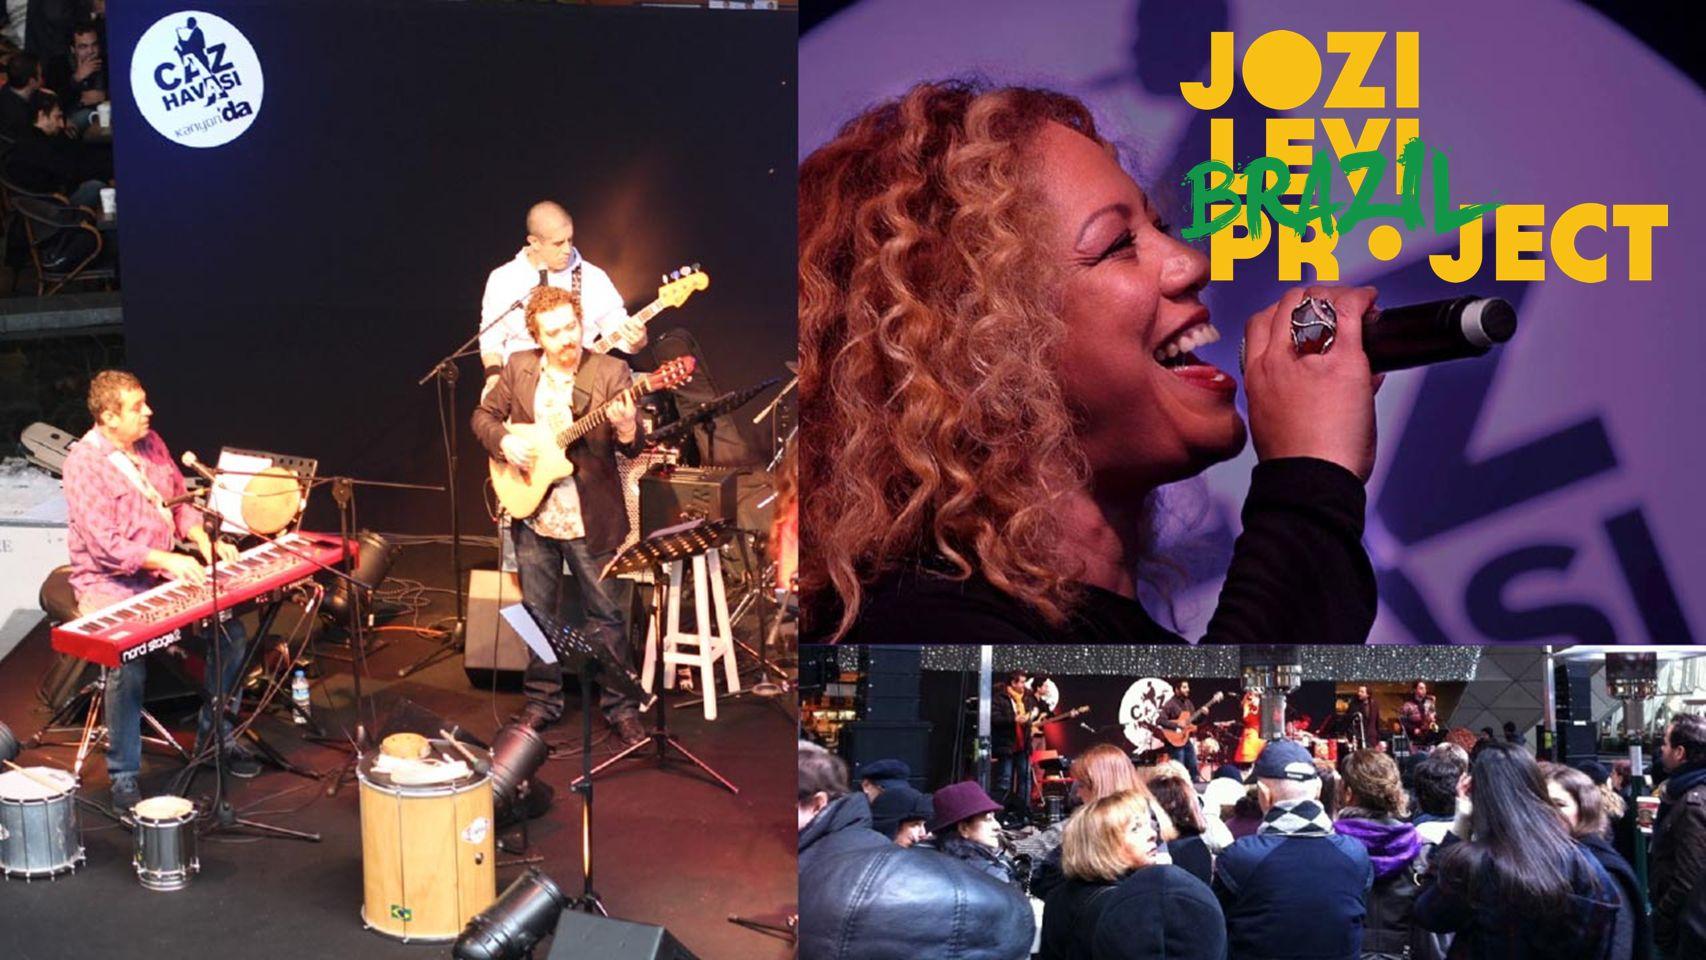 Sahne show'larında yer almak üzere, Brezilya müziklerinden oluşan bir repertuar geliştiren bu grup, ilk konserini Ghetto'da sergileyerek, bu projenin lansmanını yapmıştır.